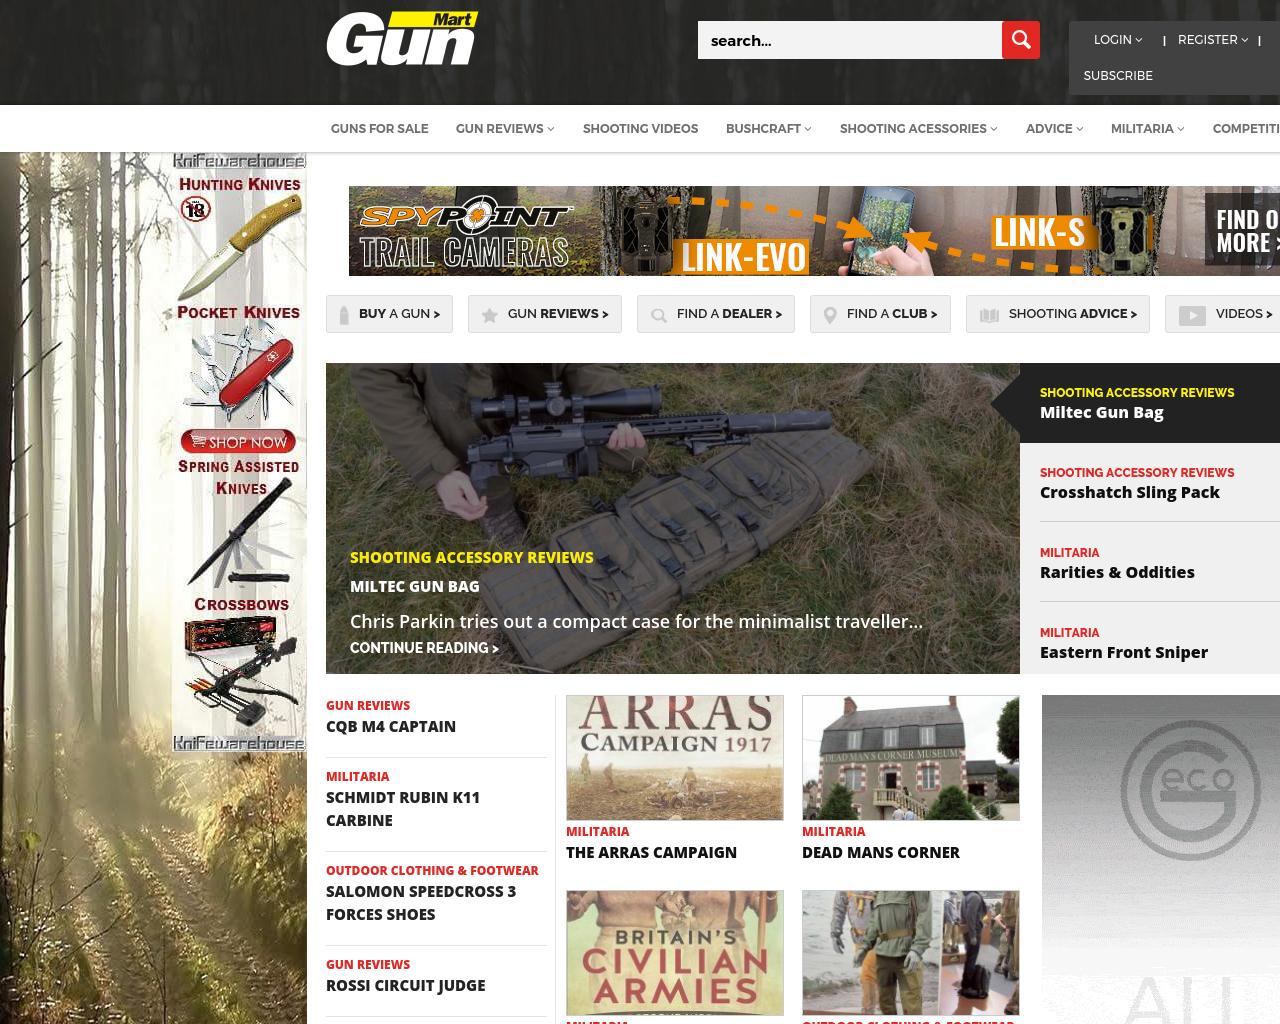 GunMart-Advertising-Reviews-Pricing